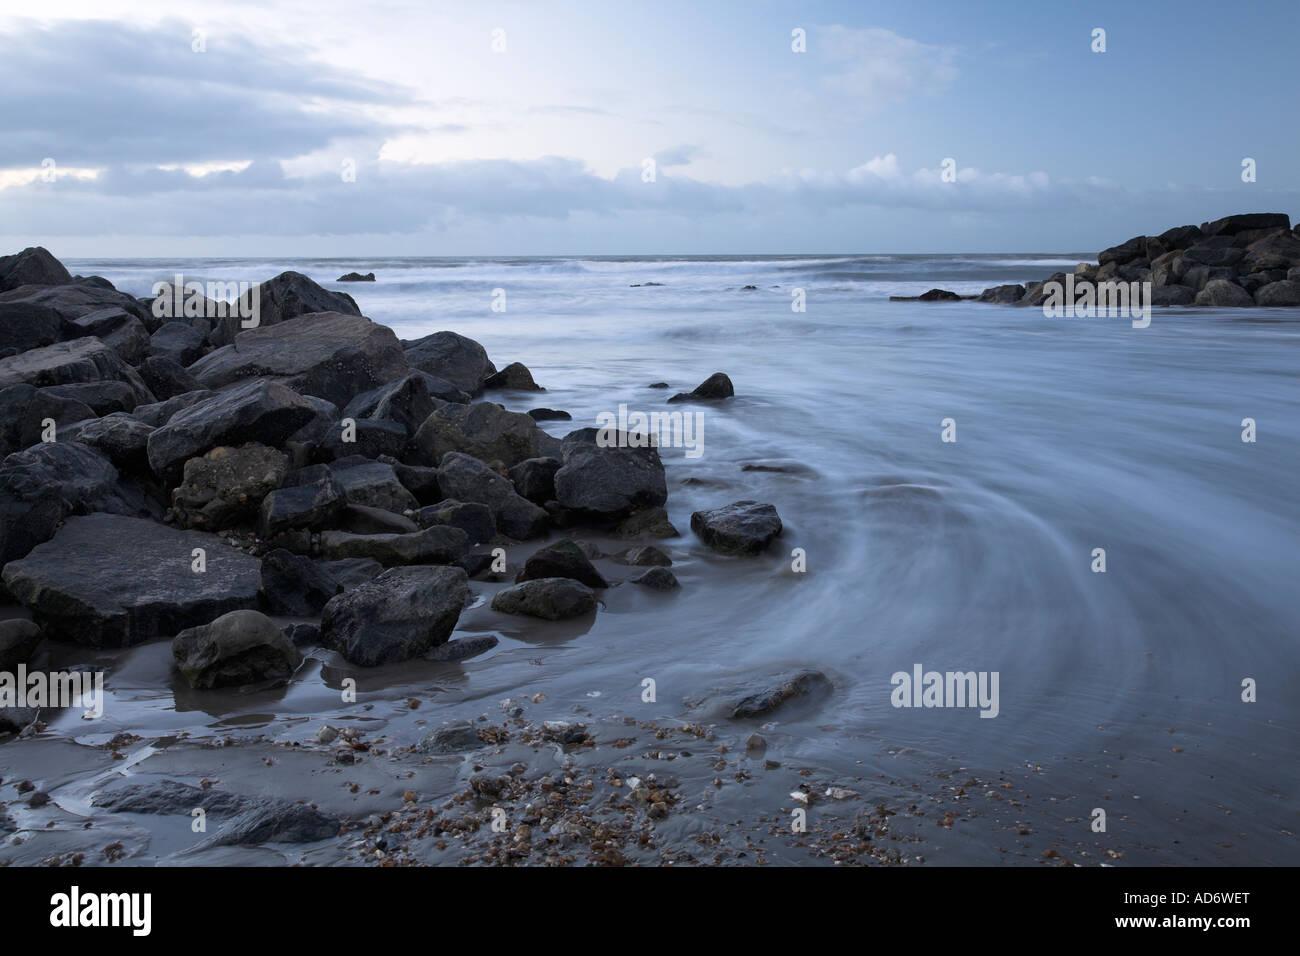 Fluye El Mar Y Las Rocas Justo Antes Del Amanecer Los Monjes Bay